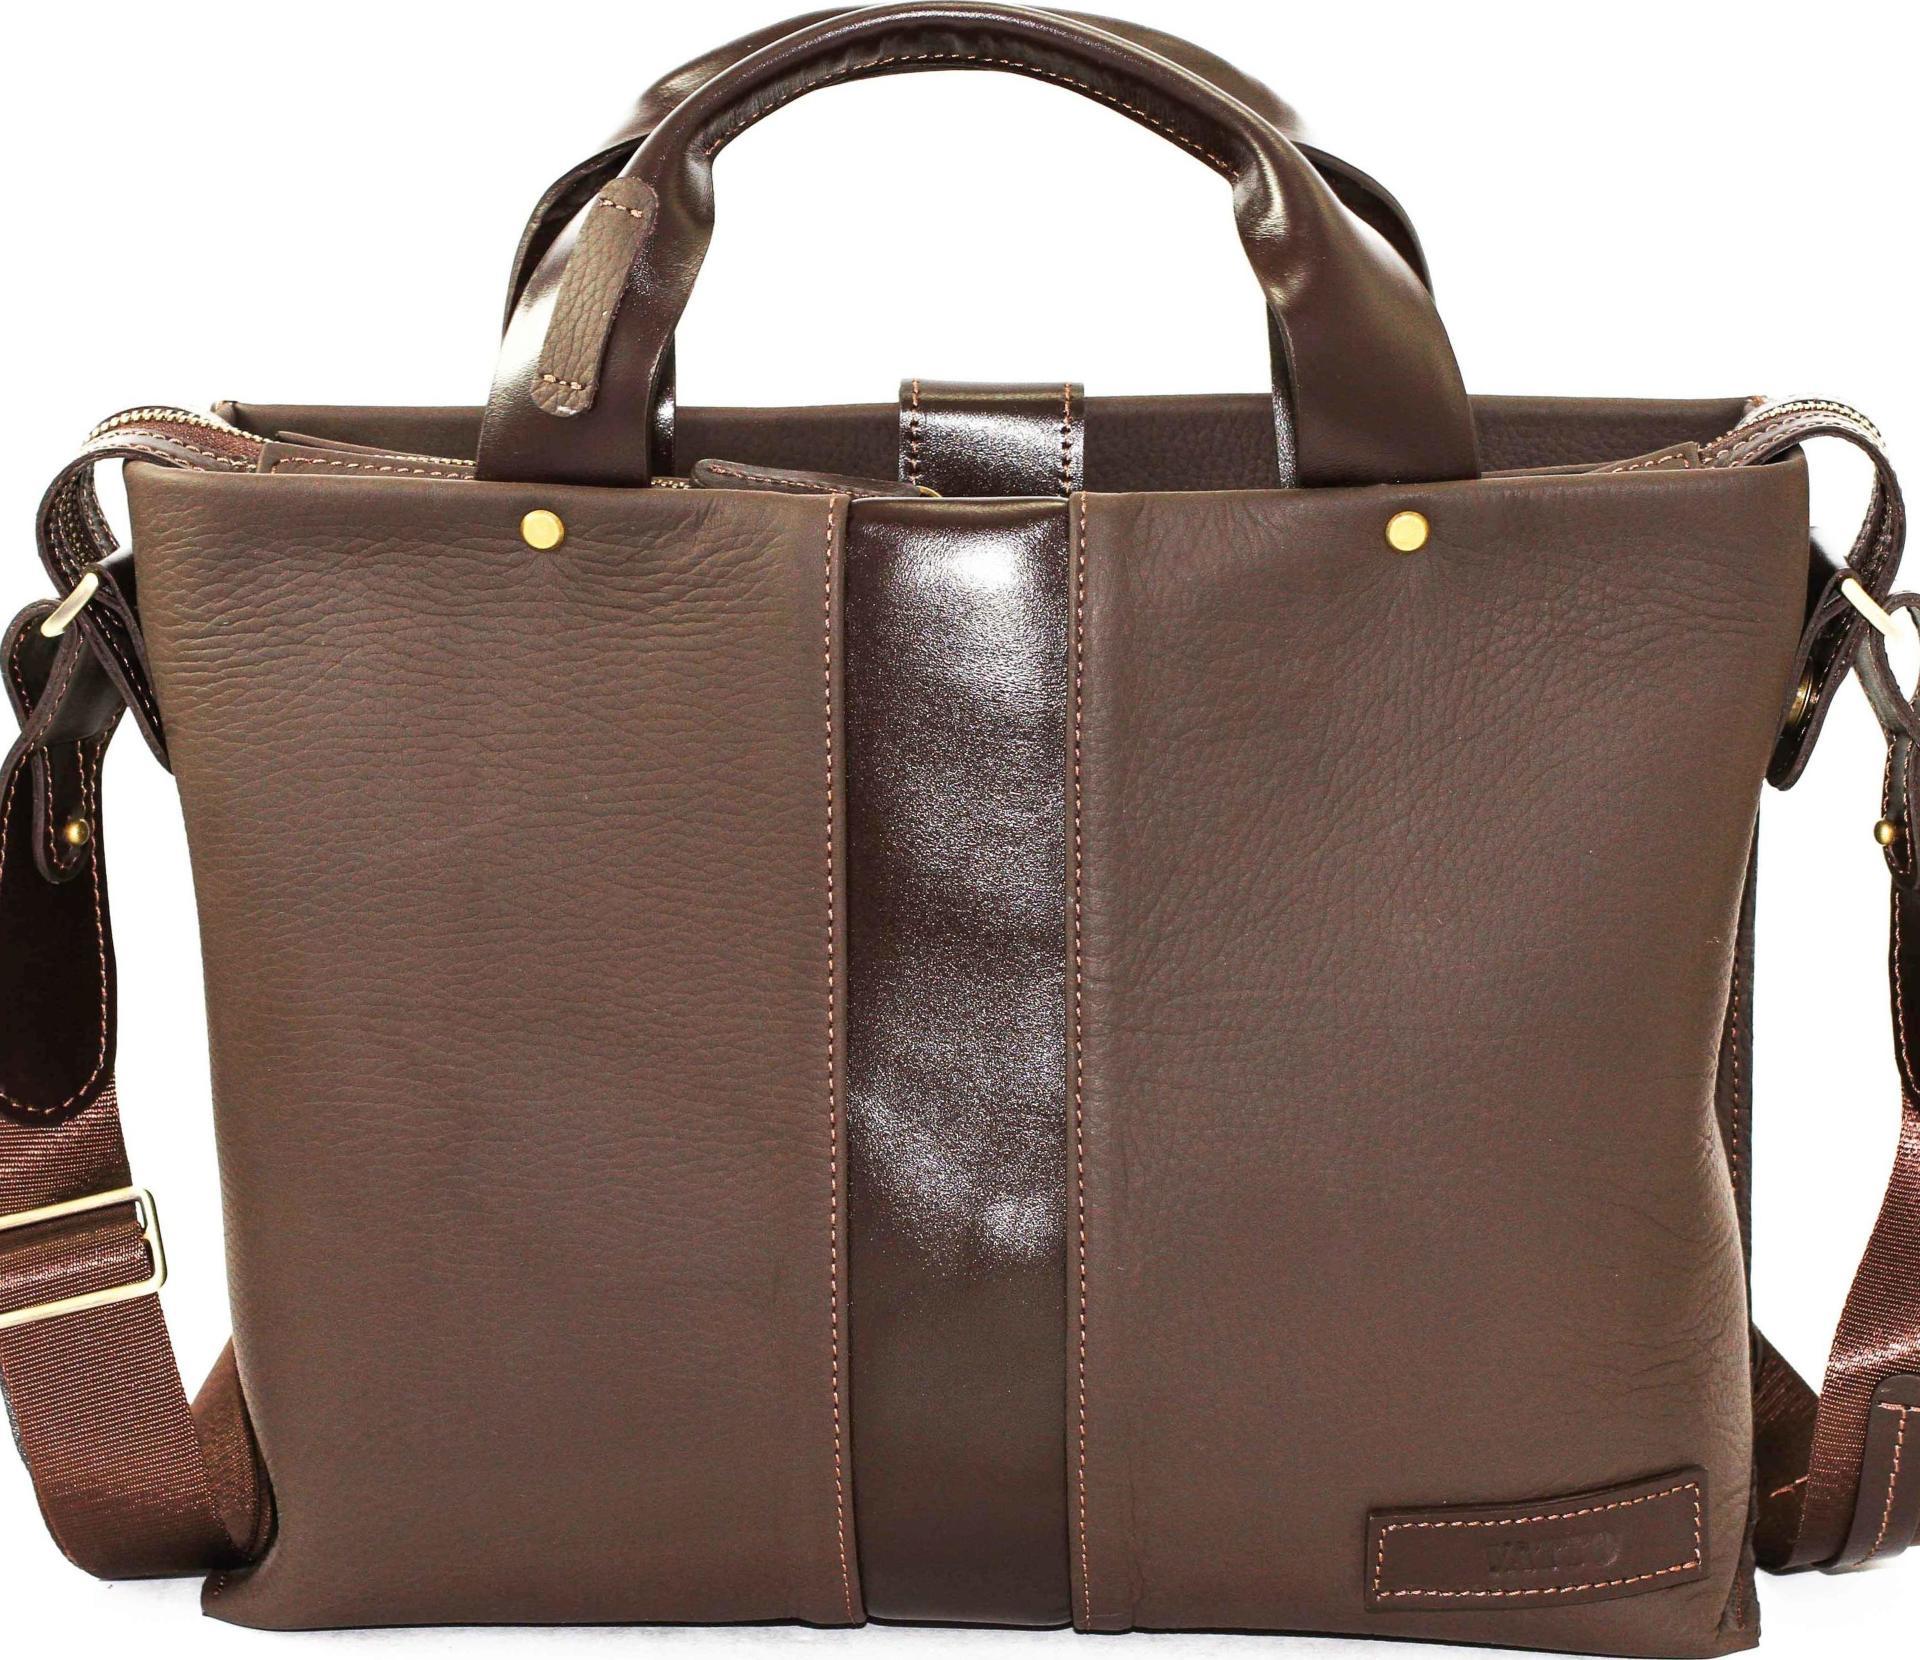 e0d786a785eb Стильная мужская сумка с ручками формата А4 VATTO (12030) купить в ...